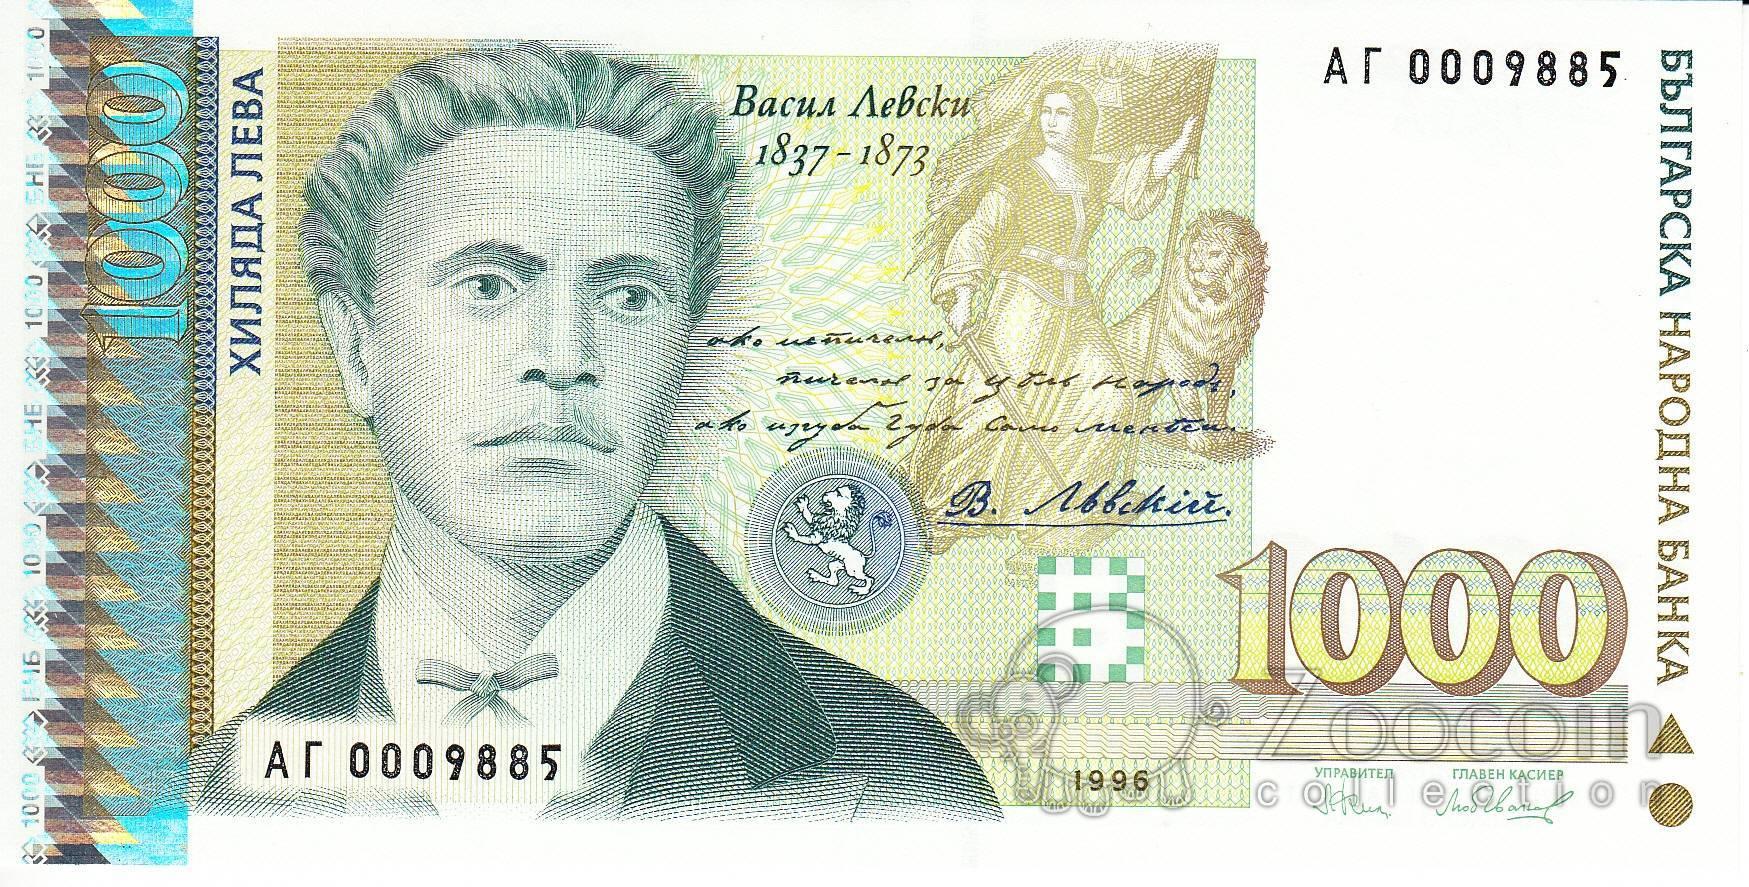 Валюта болгарии, обмен валют. курс лева к рублю и грн